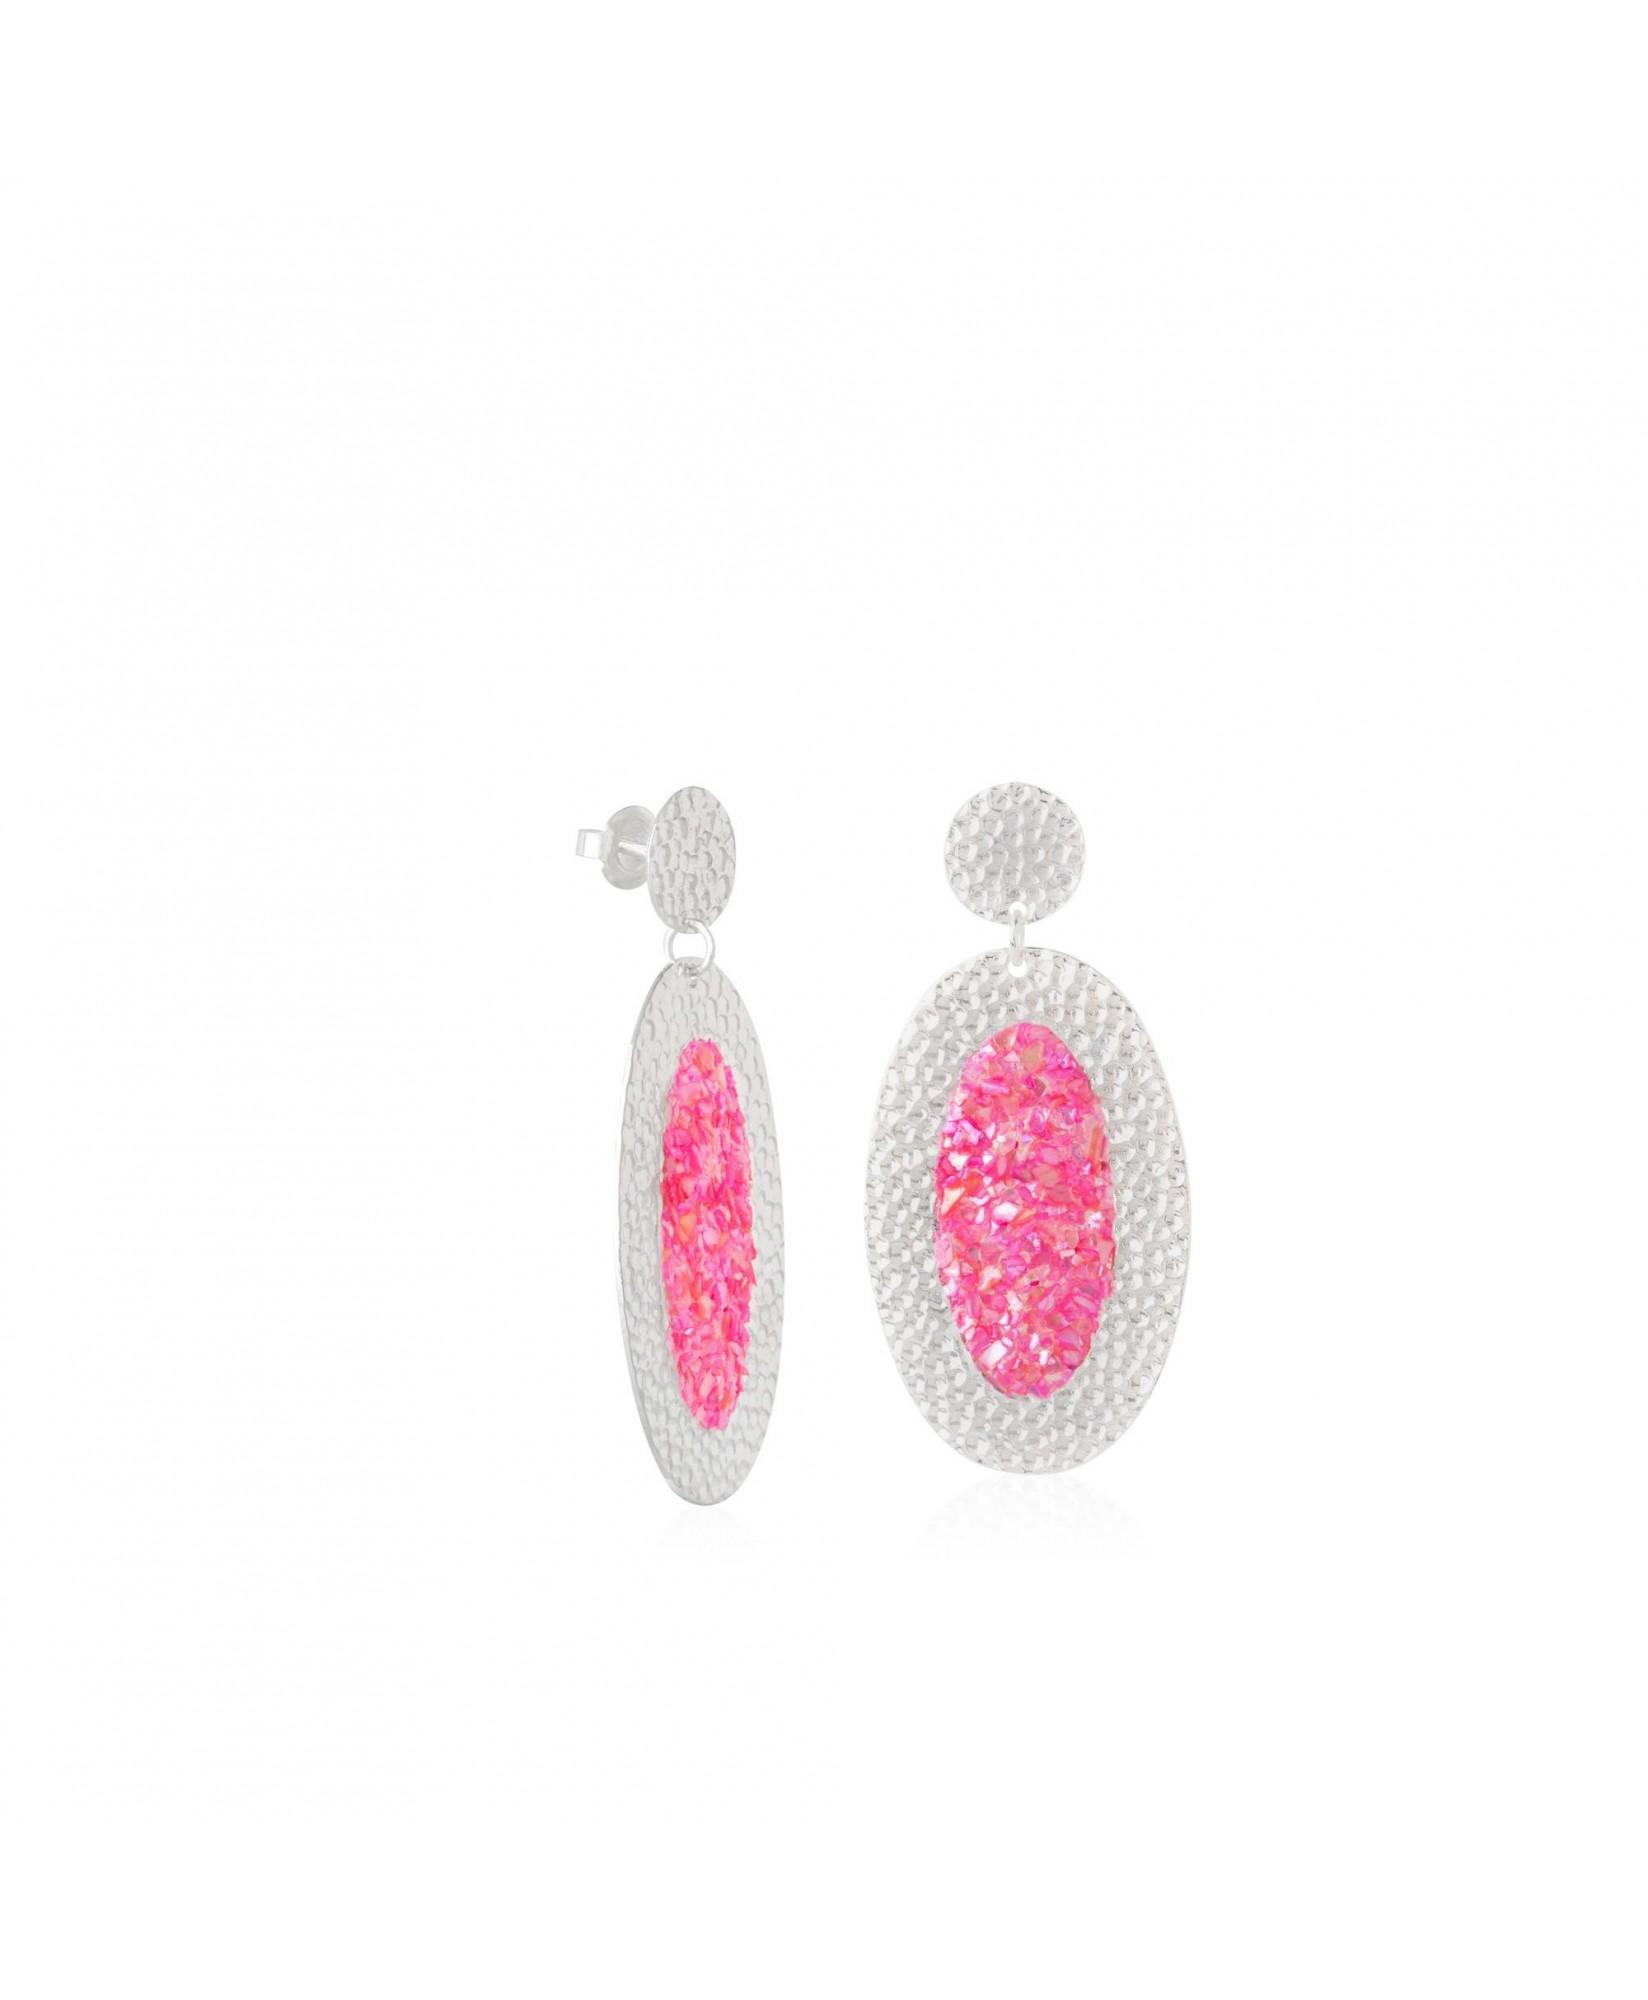 Pendientes de plata ovalados Atenea con nácar rosa Pendientes de plata ovalados Atenea con nácar rosa